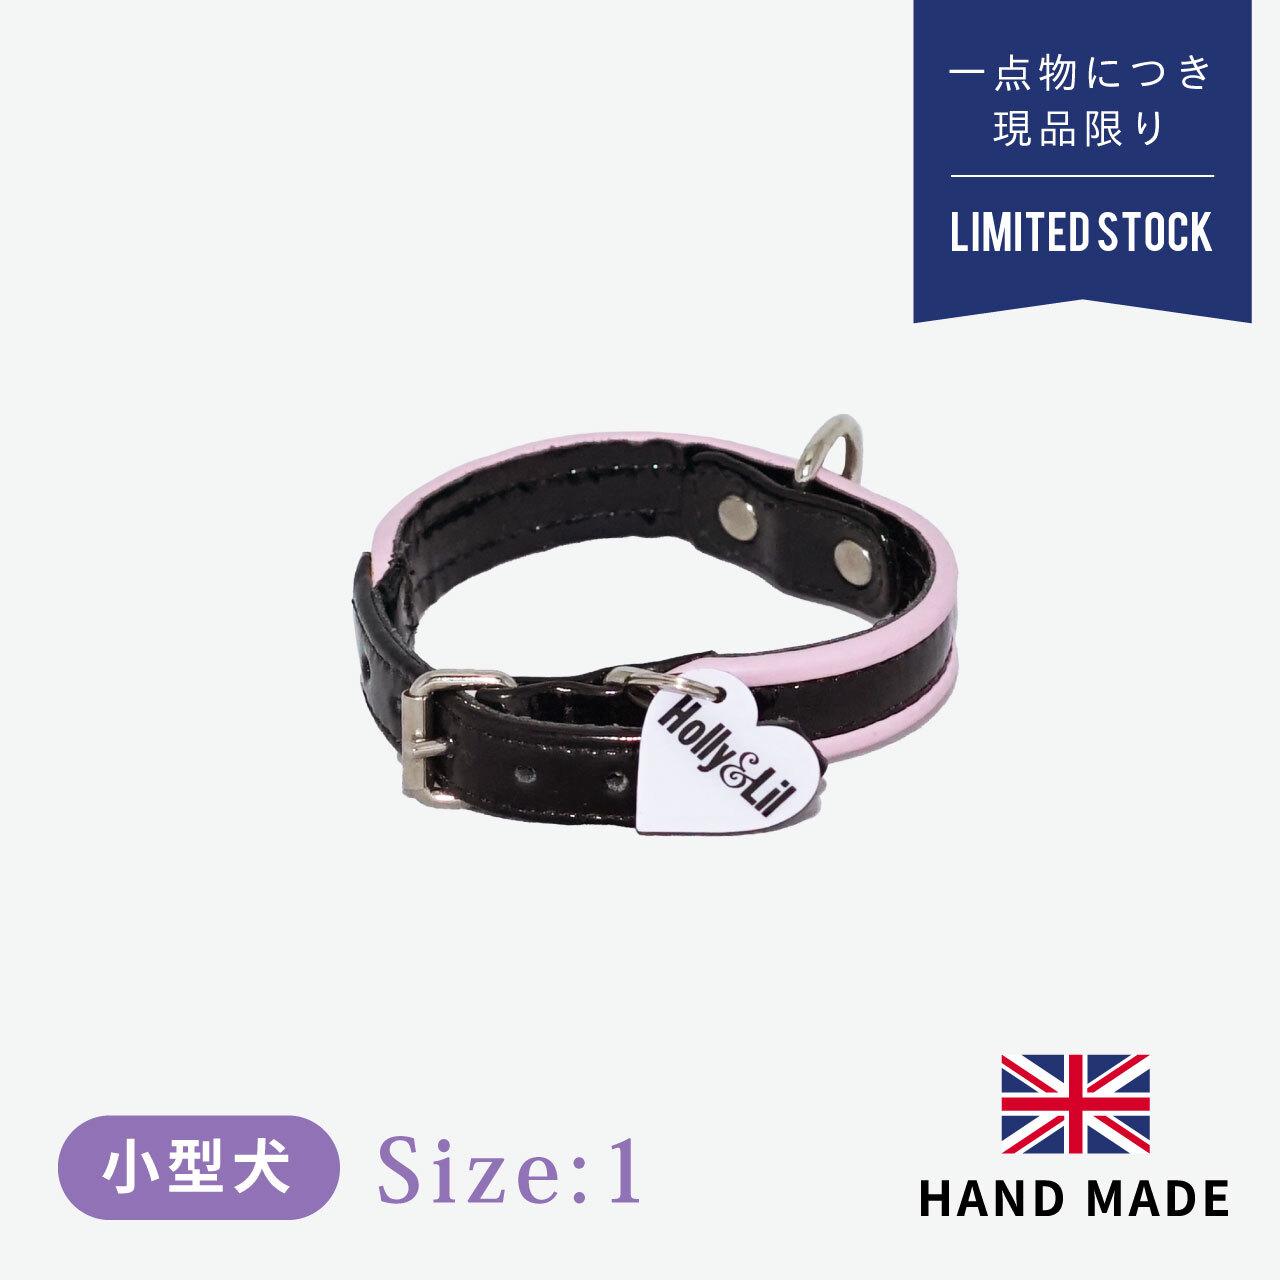 ホリー&リル バンドボックス ピンク カラー(首輪) size1